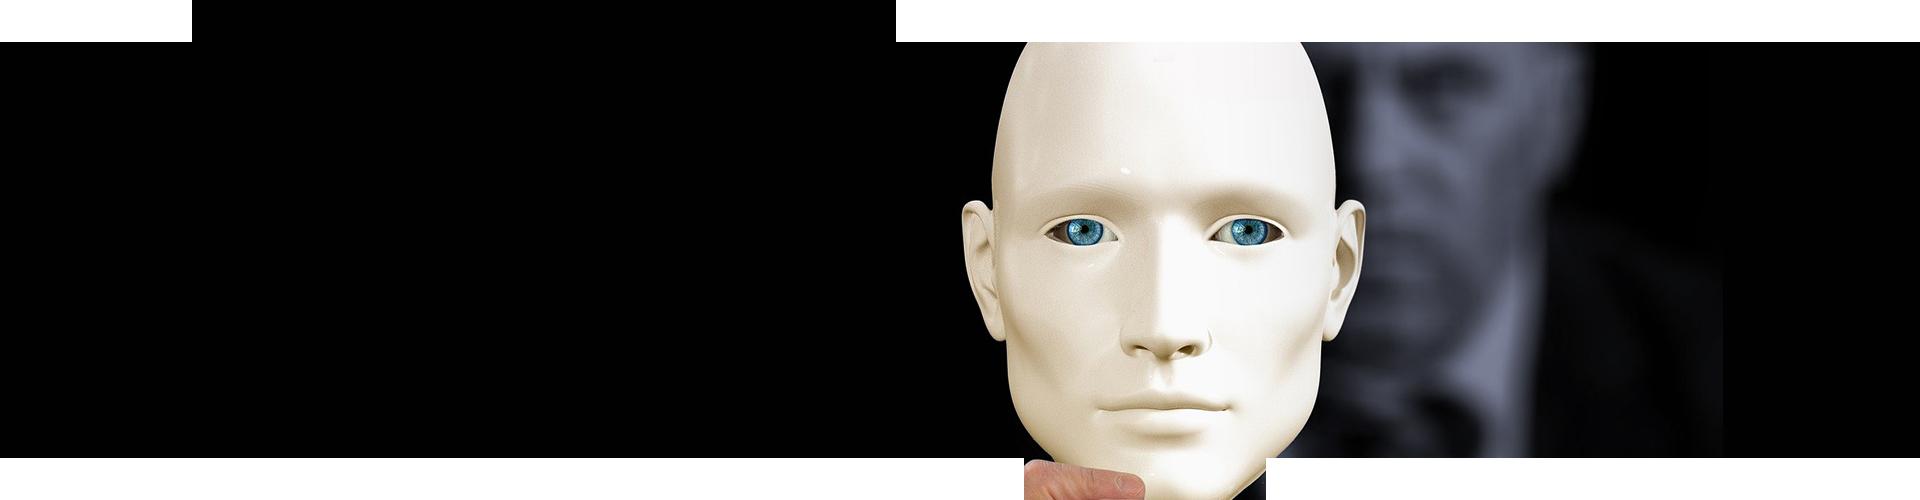 Innovación y Cualificación presenta nuestro producto destaco: Psicología aplicada a la protección de personas y bienes